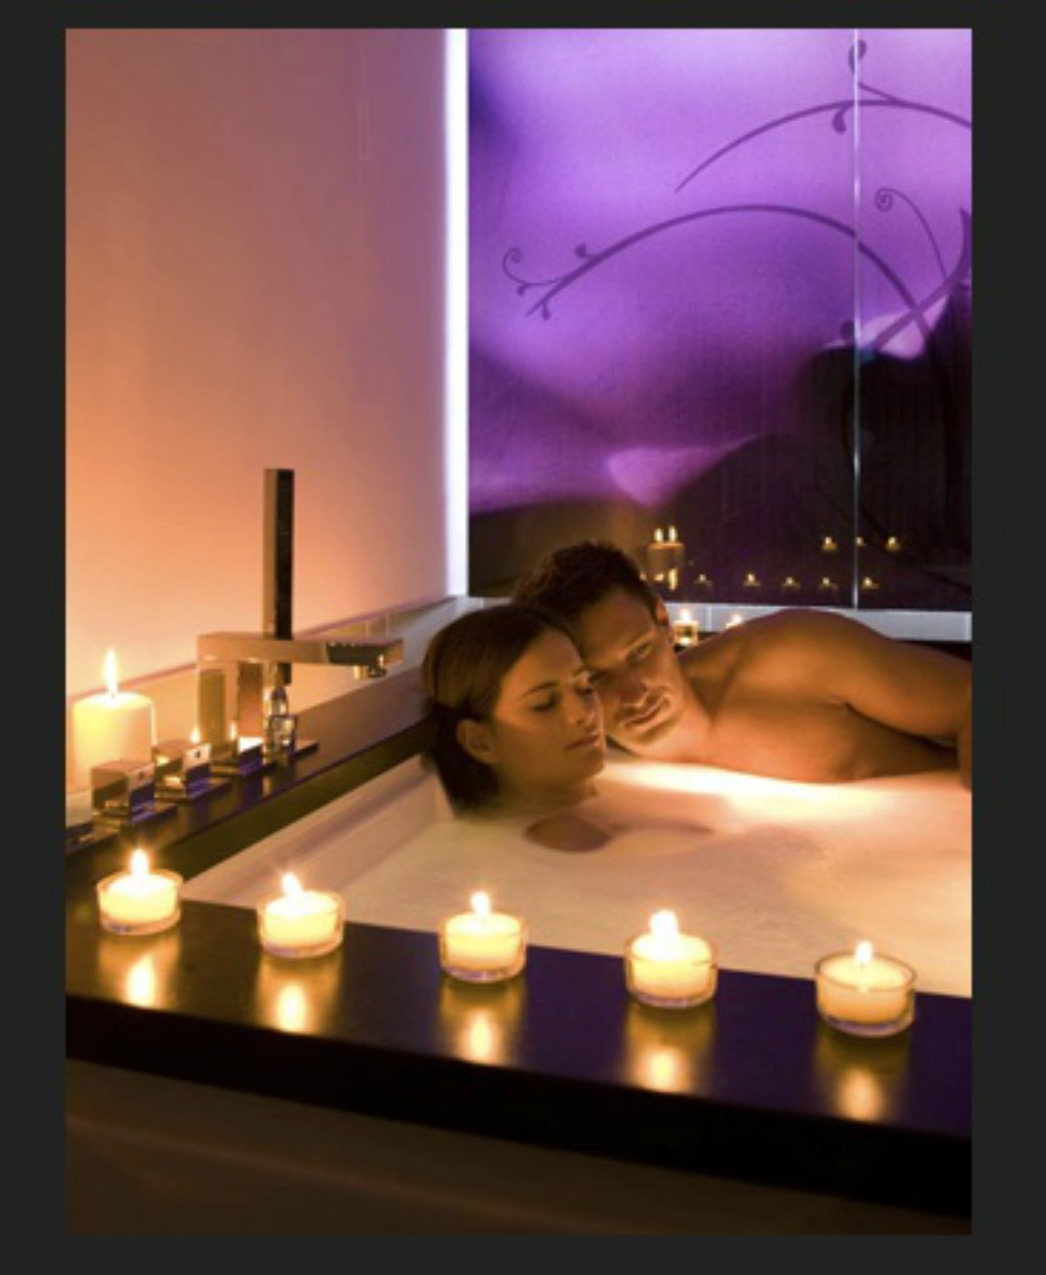 Романтика ванна гладил 2 фотография